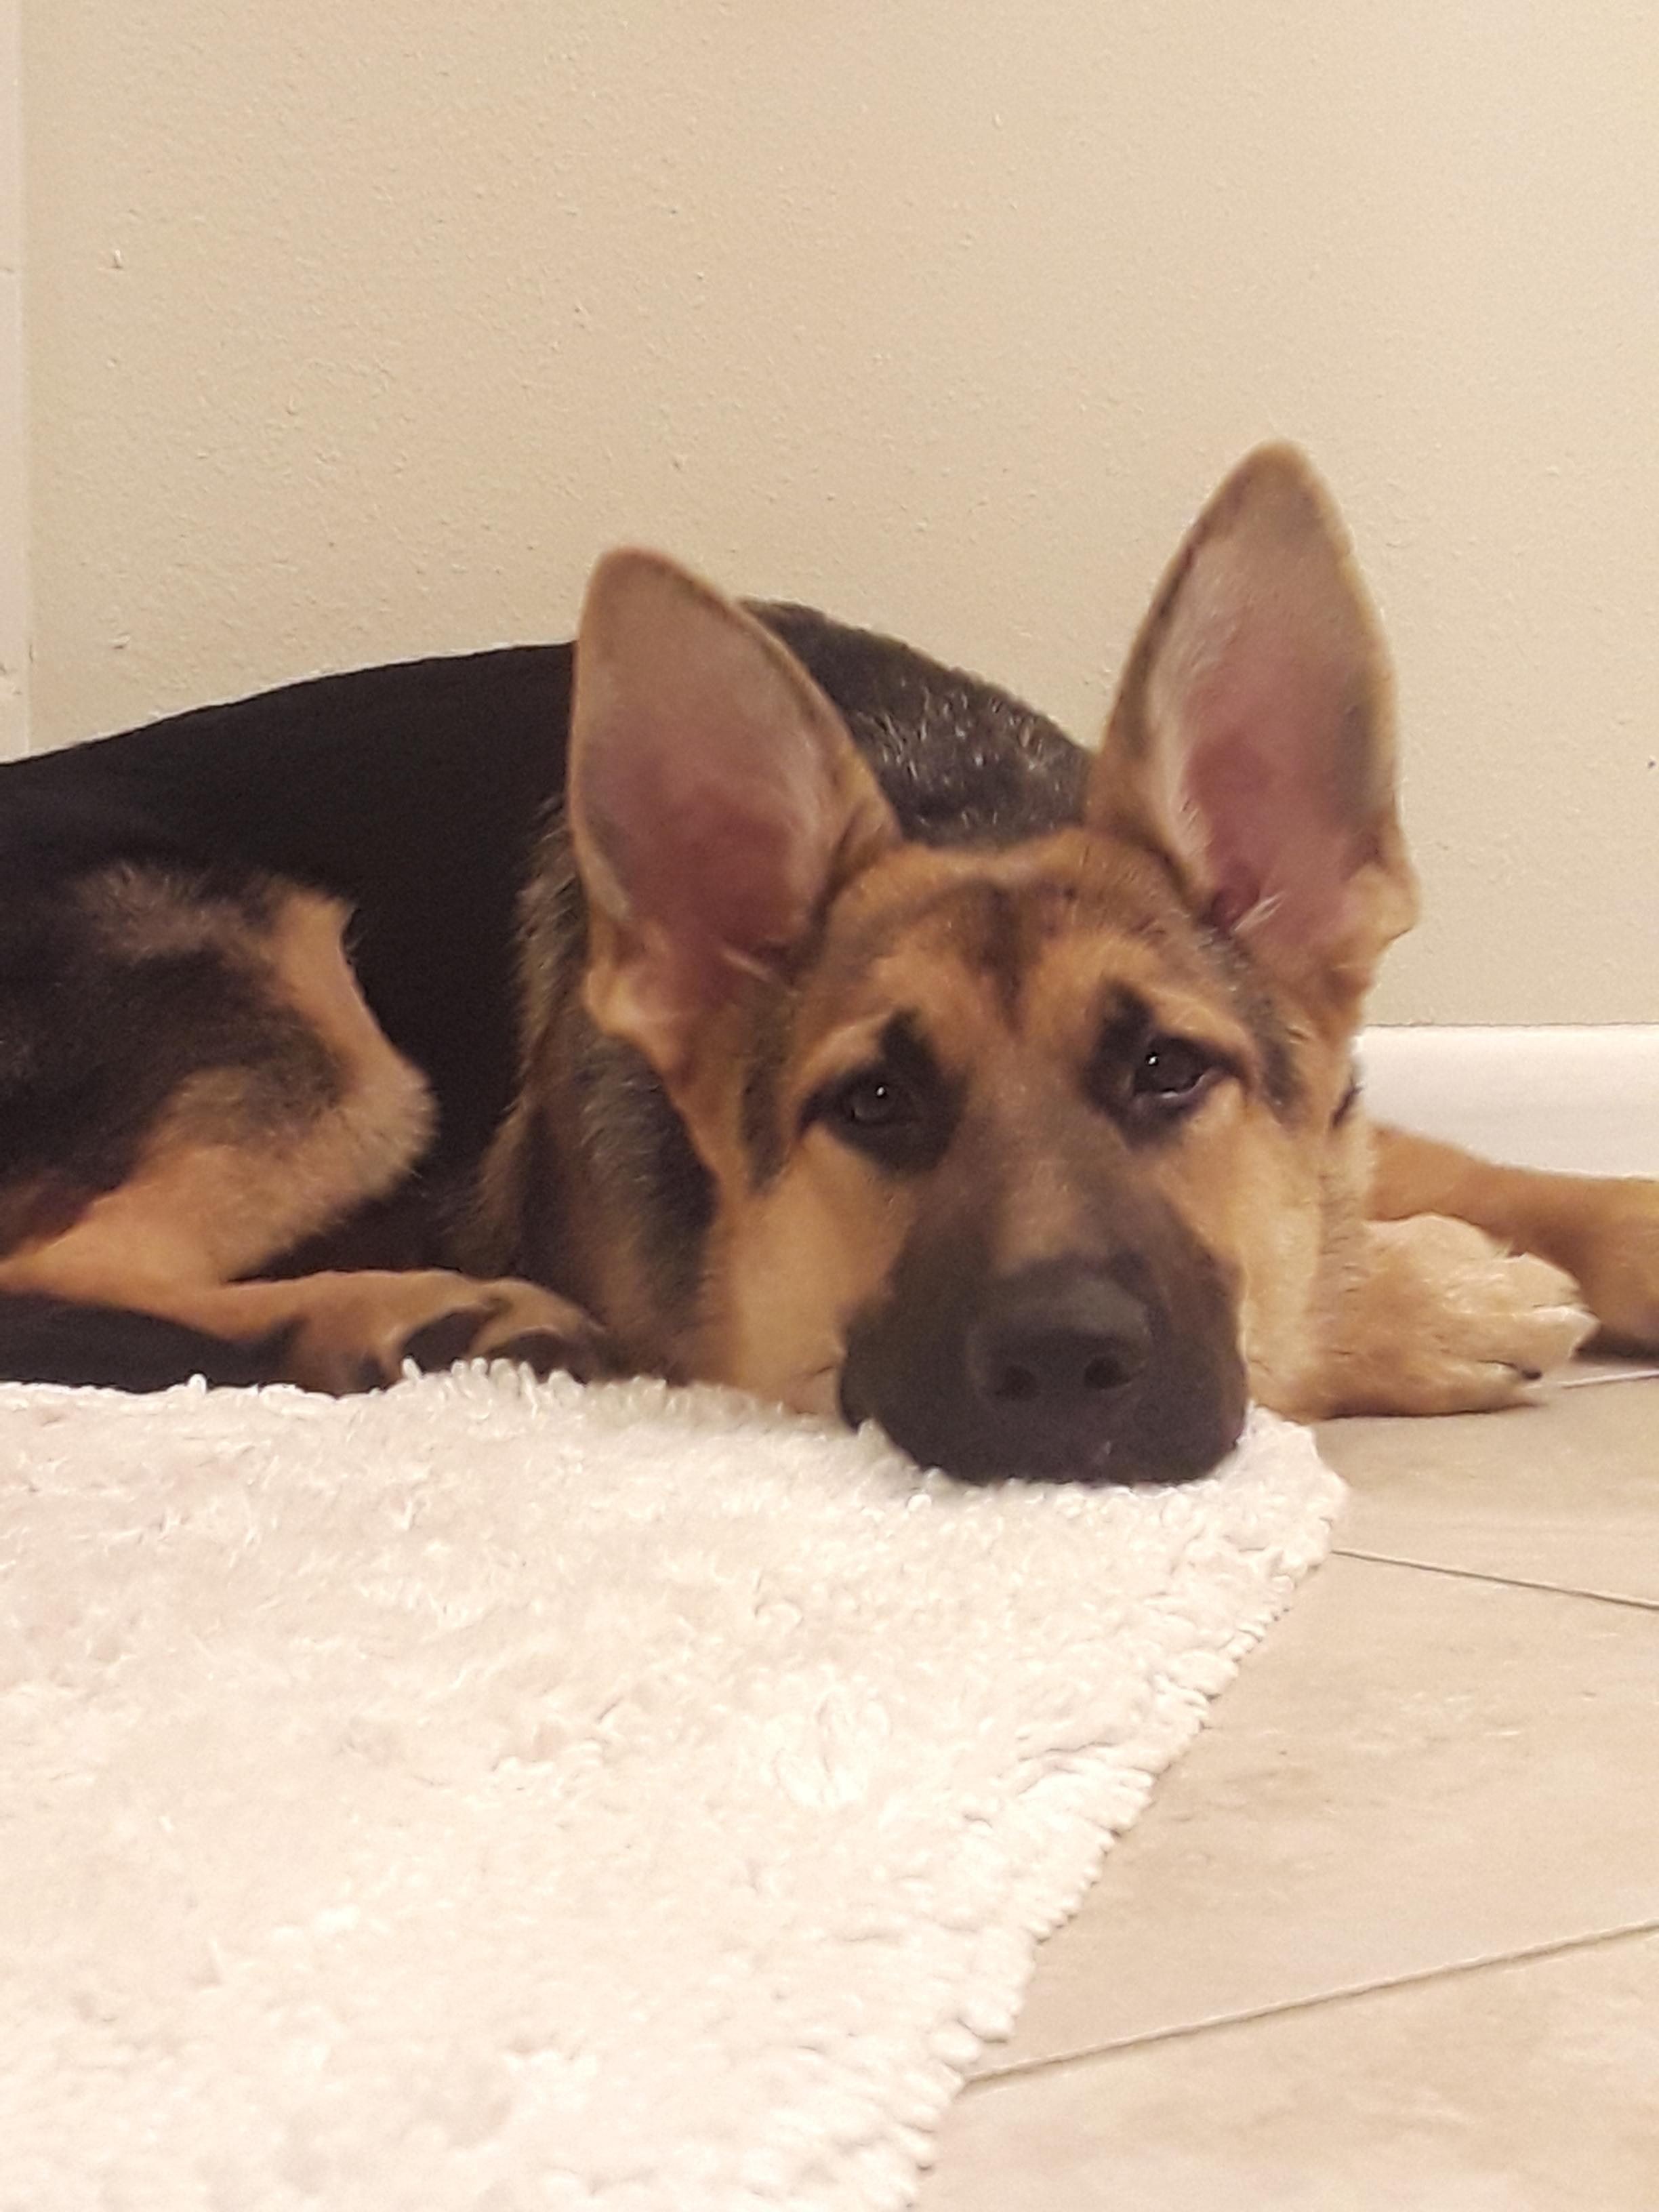 Such a Good Doggo!